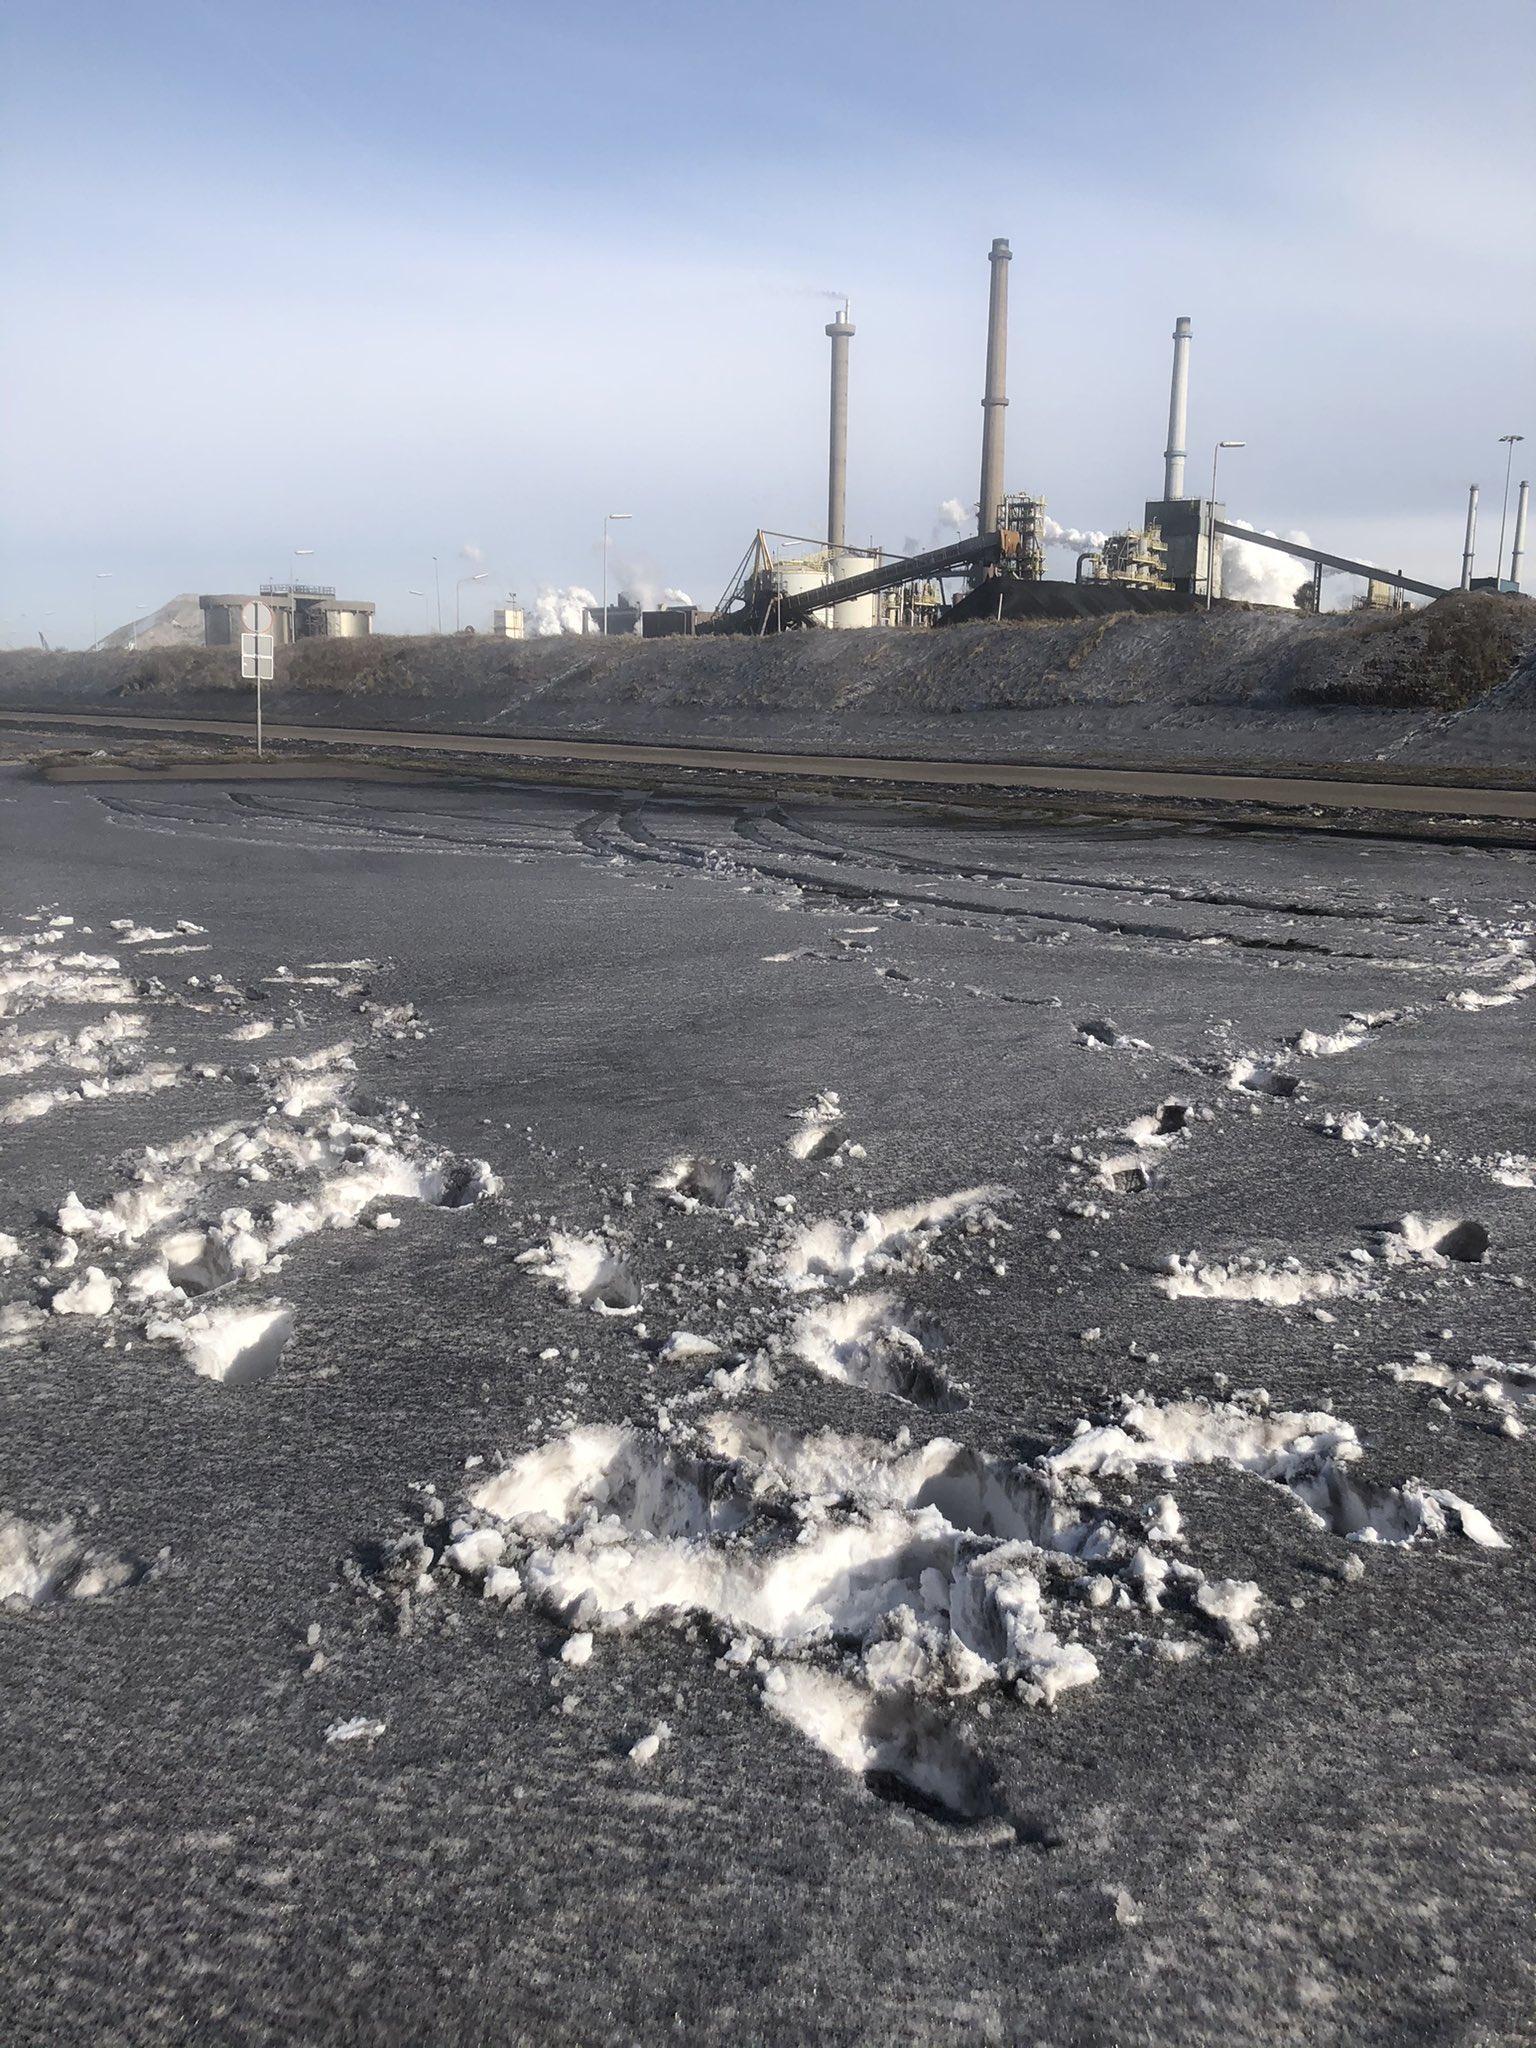 Zwarte sneeuw bedekt wegen en duinen nabij Tata Steel IJmuiden